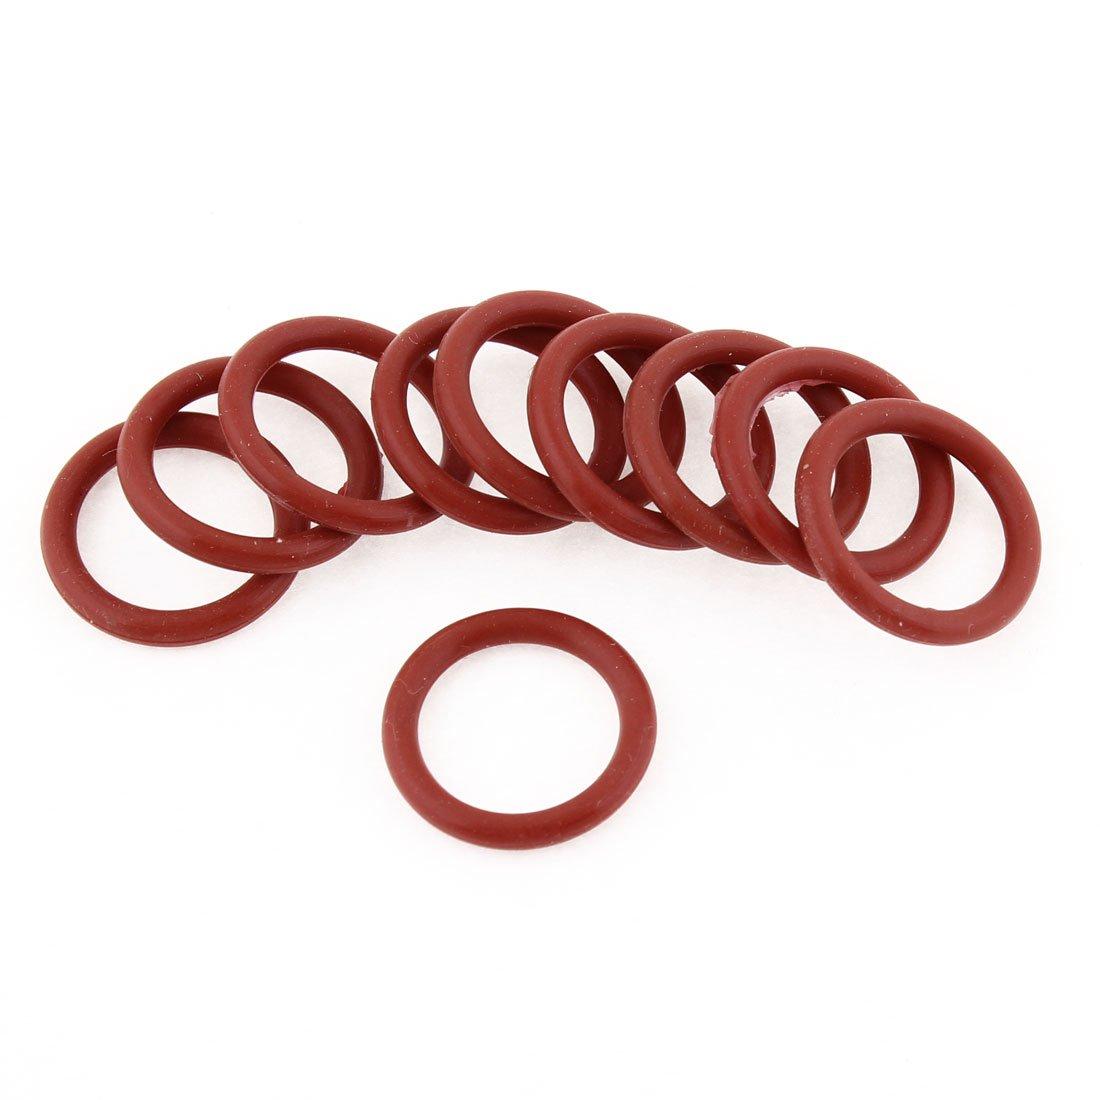 Lot de 10Rouge industriel flexible en caoutchouc O Ring Joint d'étanchéité 23mmx3mmx17mm Sourcingmap a13050600ux0056